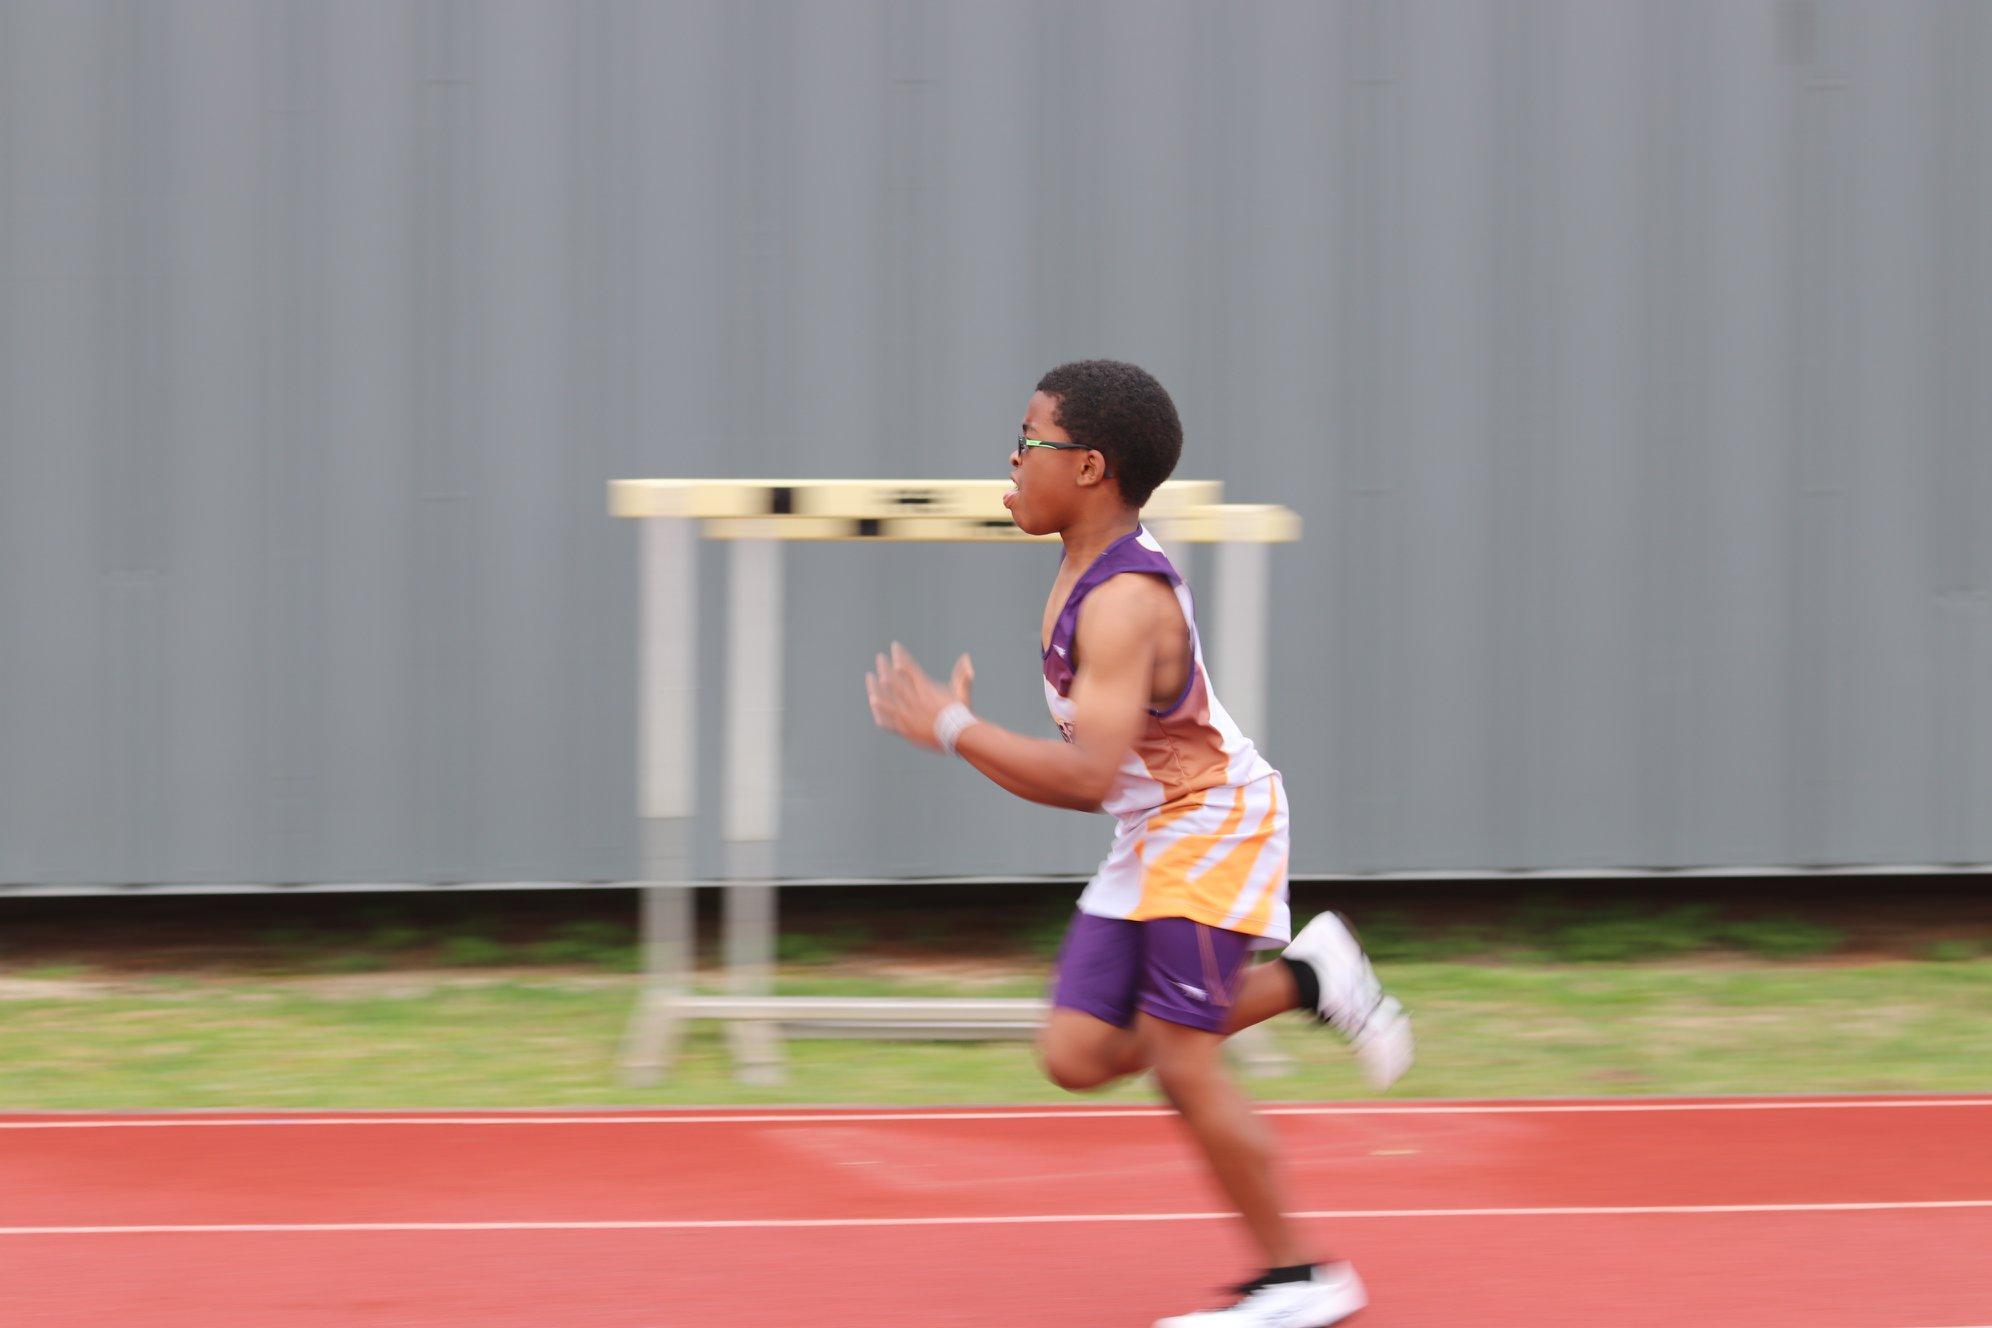 Zeke running the 100